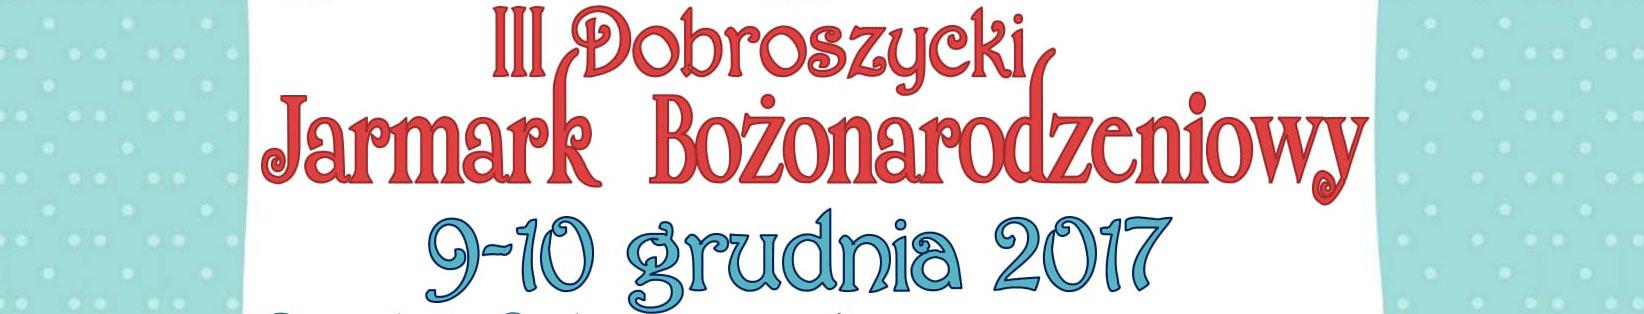 III Dobroszycki Jarmark Bożonarodzeniowy